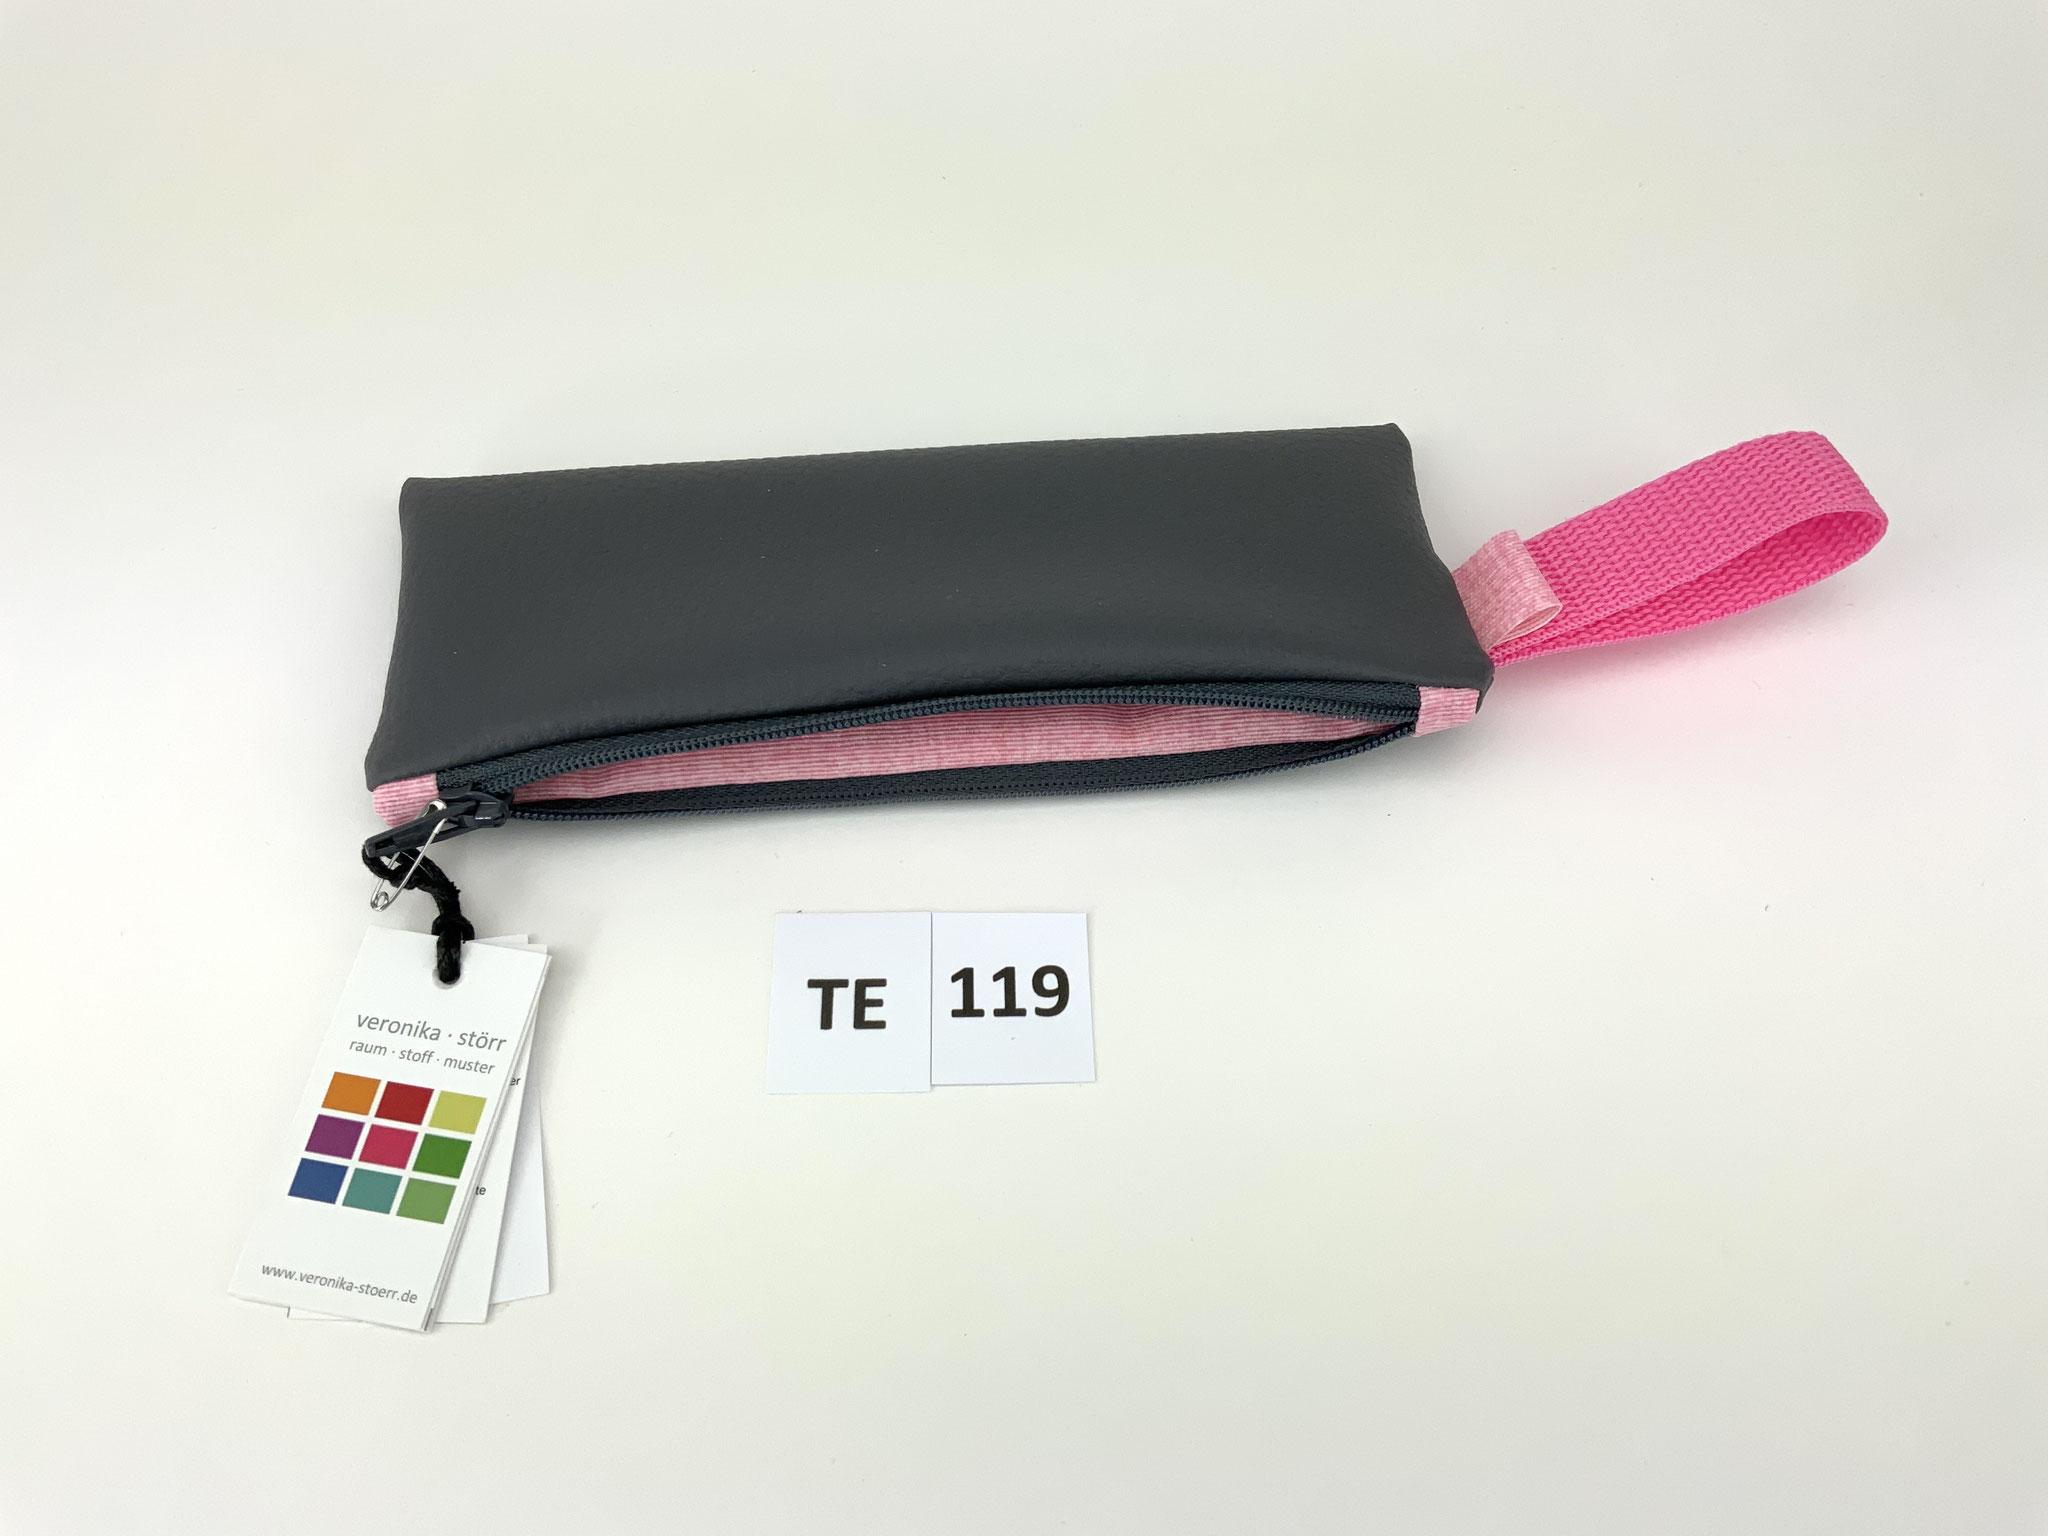 TE 119: 17,5 x 6 cm * AS KL / IS BBW * 12,90 €